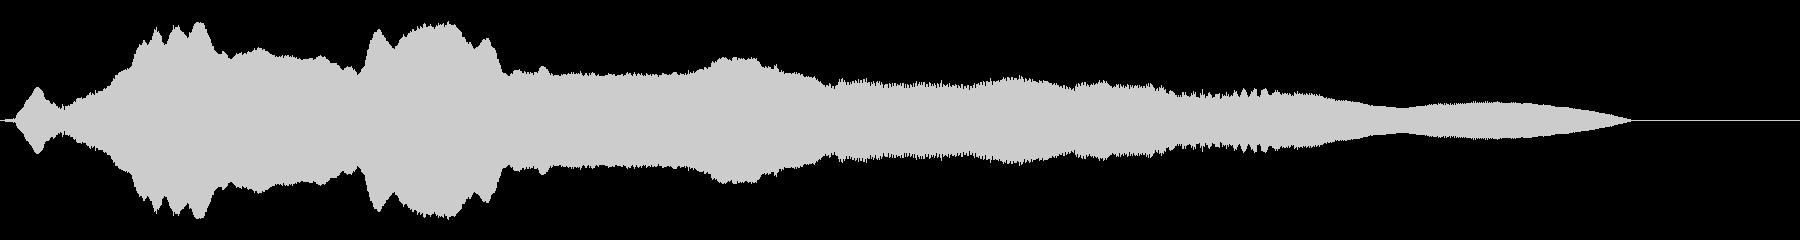 スライドホイッスル フニャフニャ 下降の未再生の波形